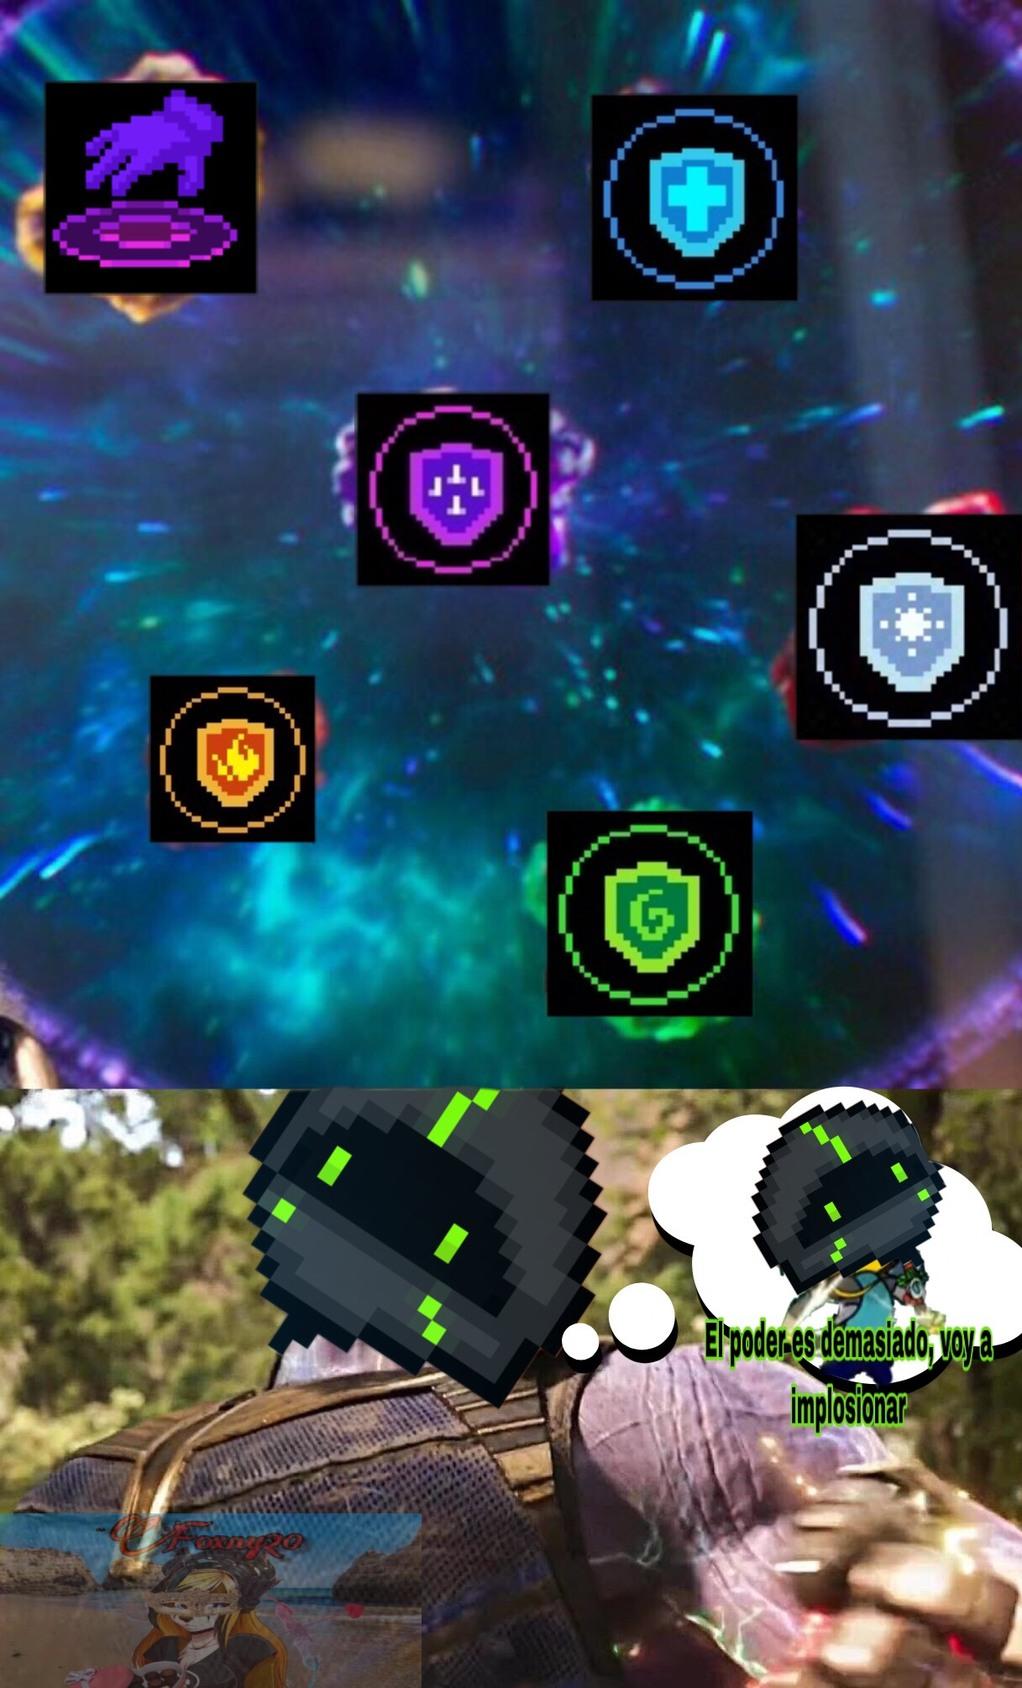 es bien chingon que salgan esos seis potenciadores en una sola partida - meme